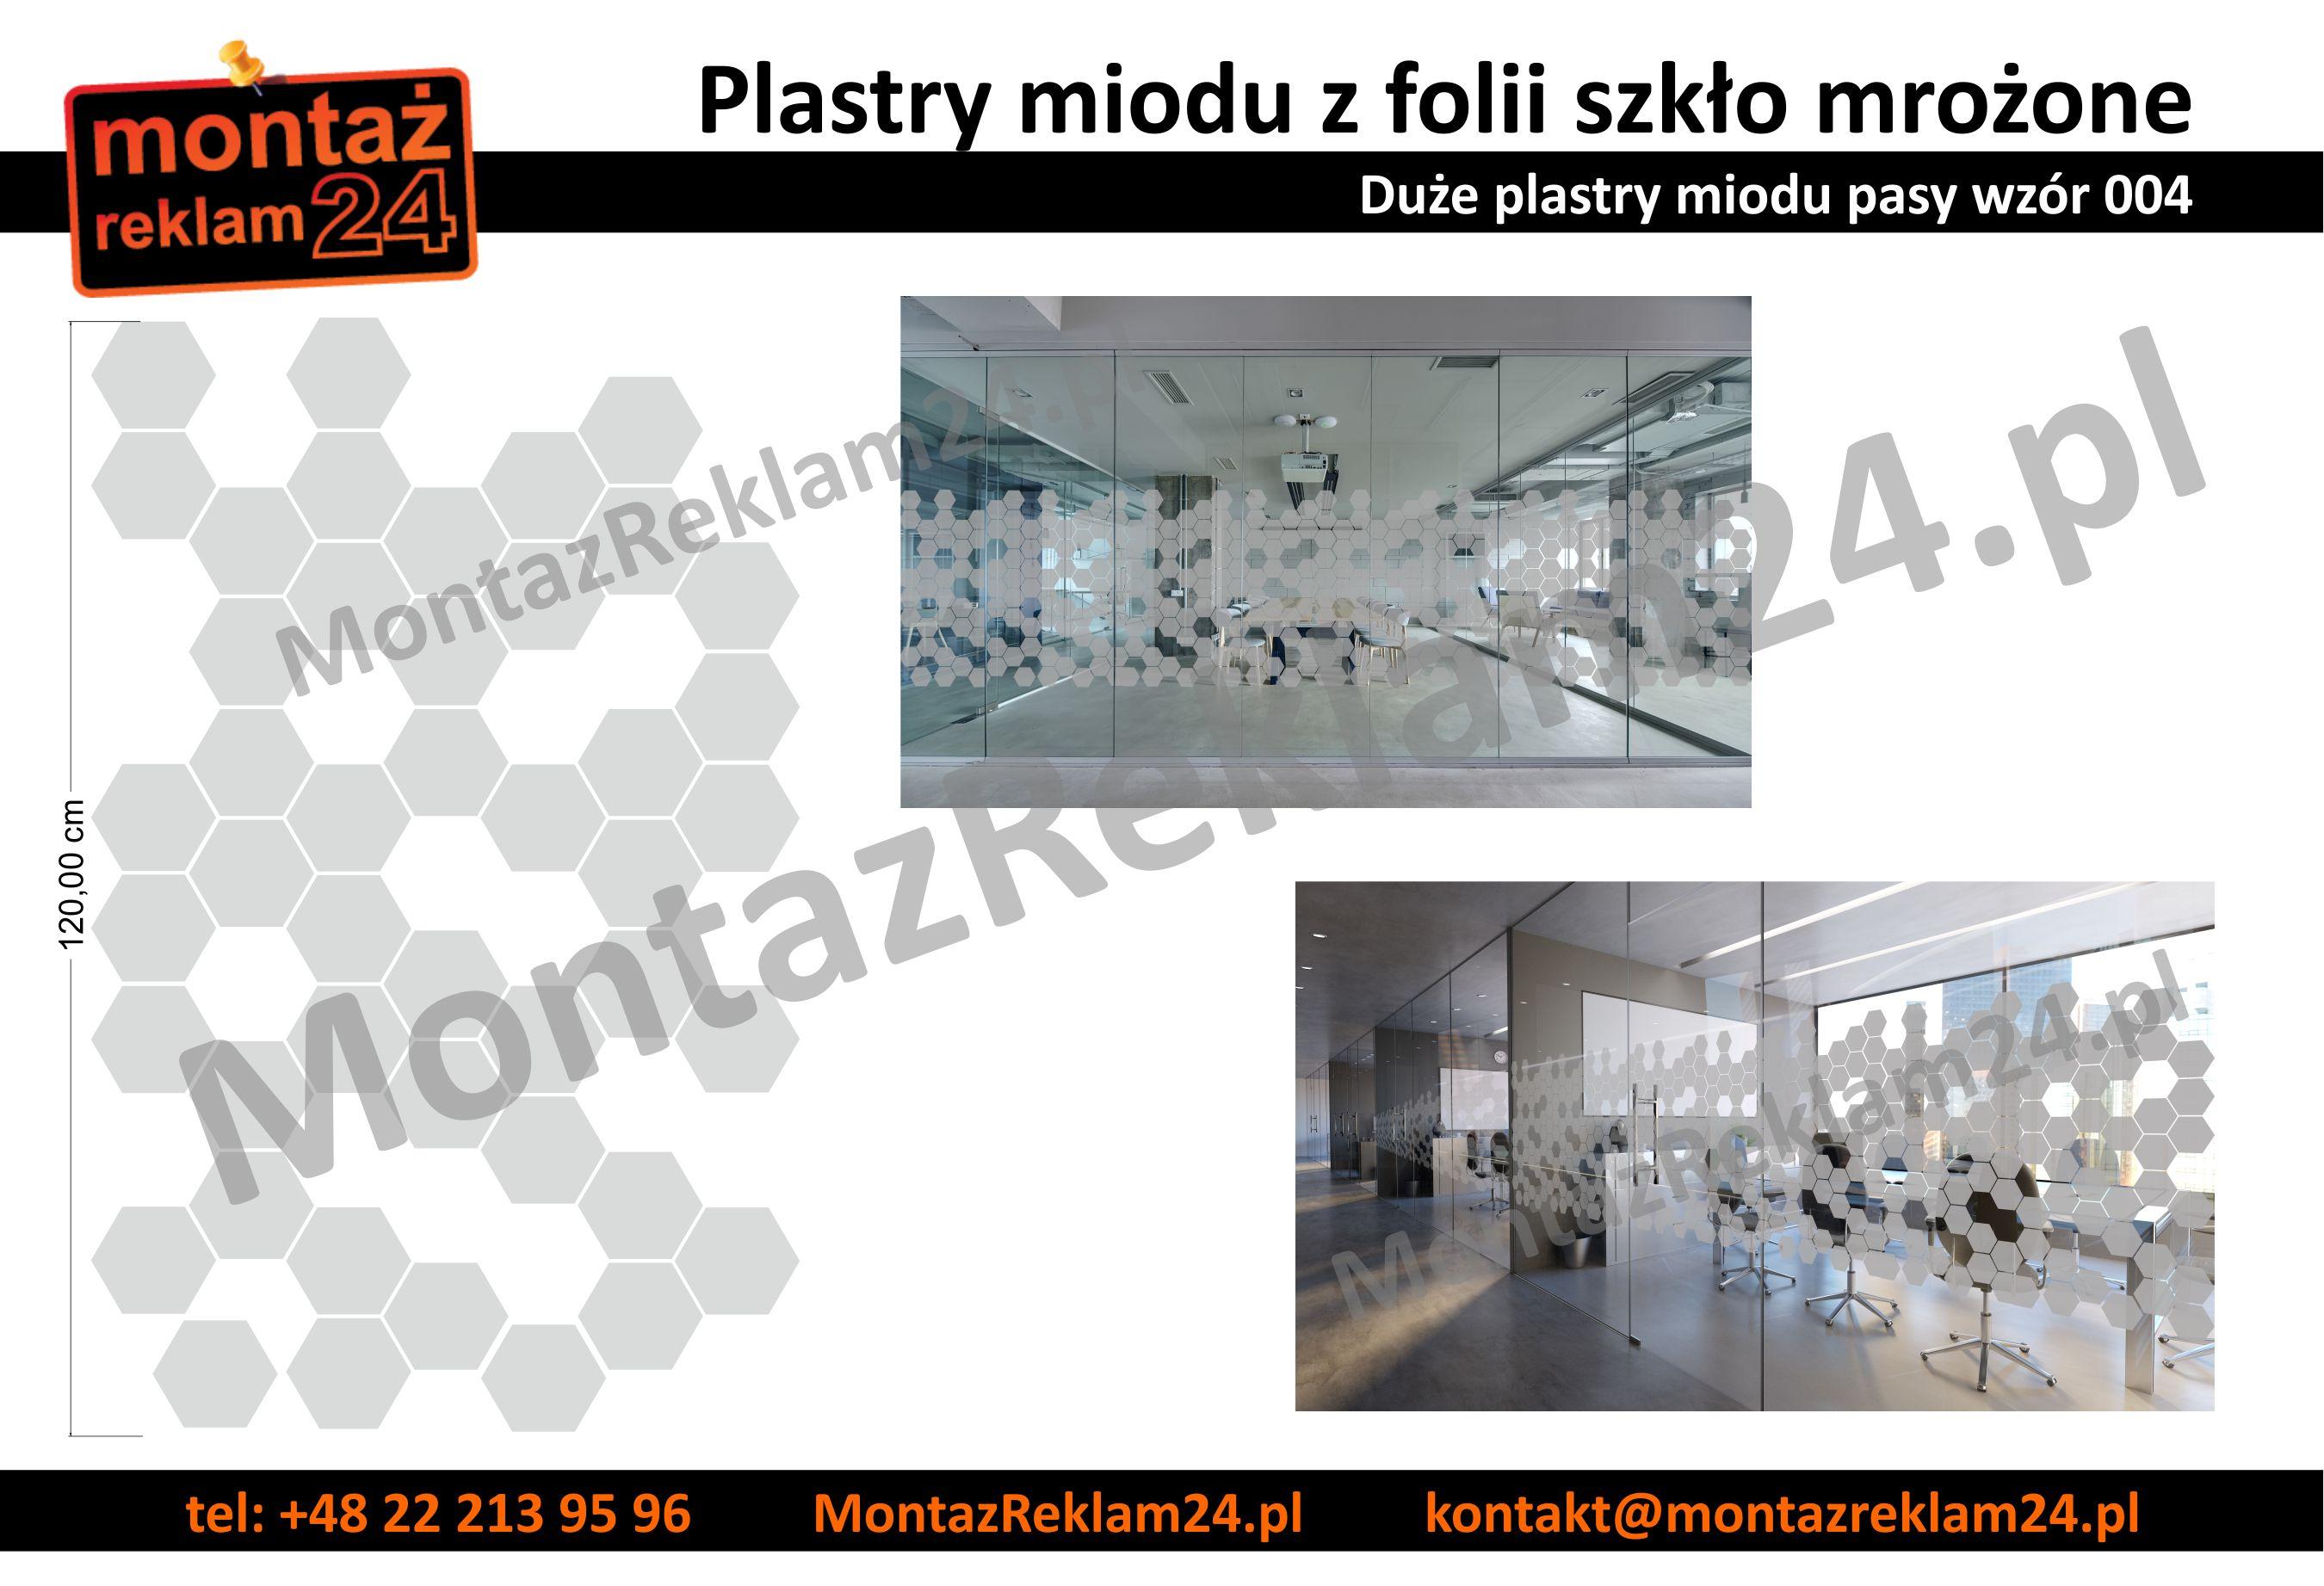 Zaluzje z folii mrozonej duzy plaster miodu - wzor004 - MontazReklam24.jpg